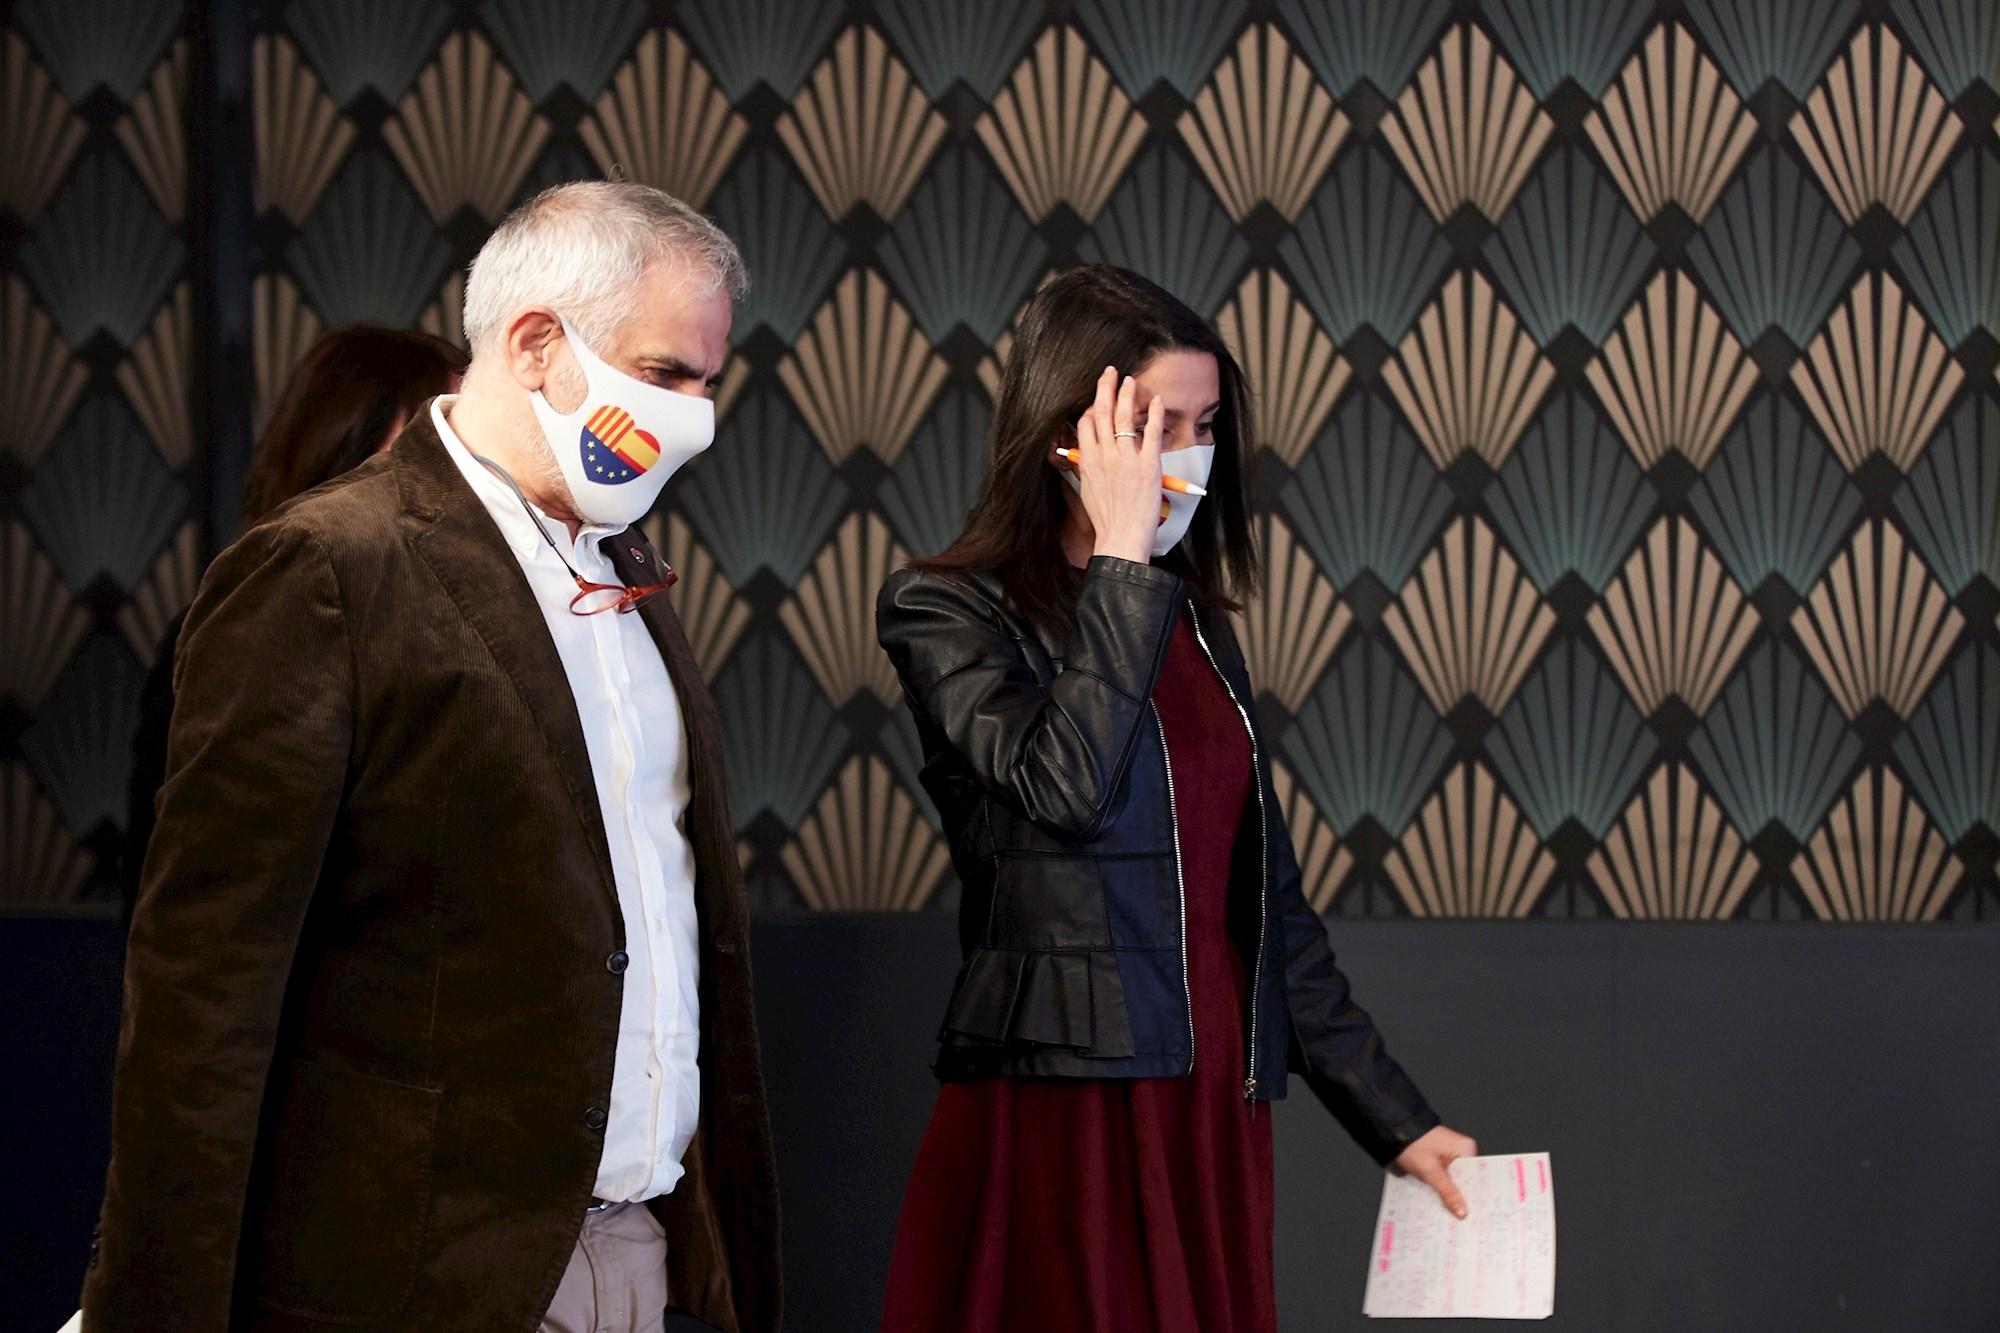 El candidato de Ciudadanos a las elecciones catalanas, Carlos Carrizosa, y la presidenta del partido, Inés Arrimadas, antes de comparecer para valorar los malos resultados obtenidos el 14-F | EFE/AG